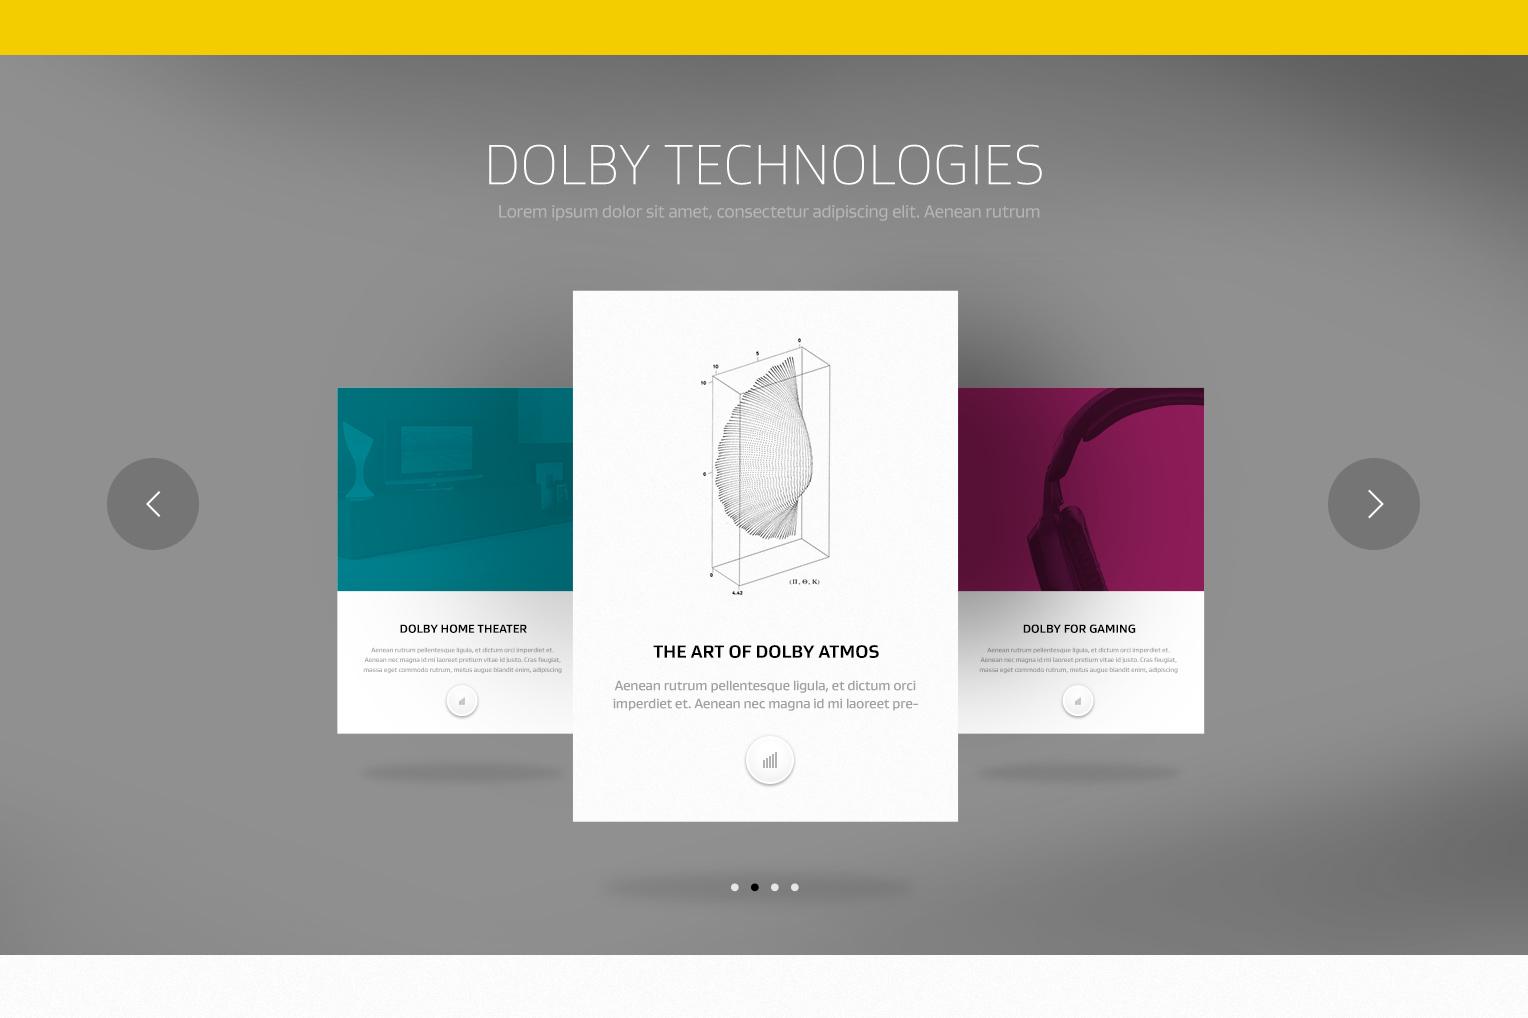 dolby_lookfeel_03.jpg